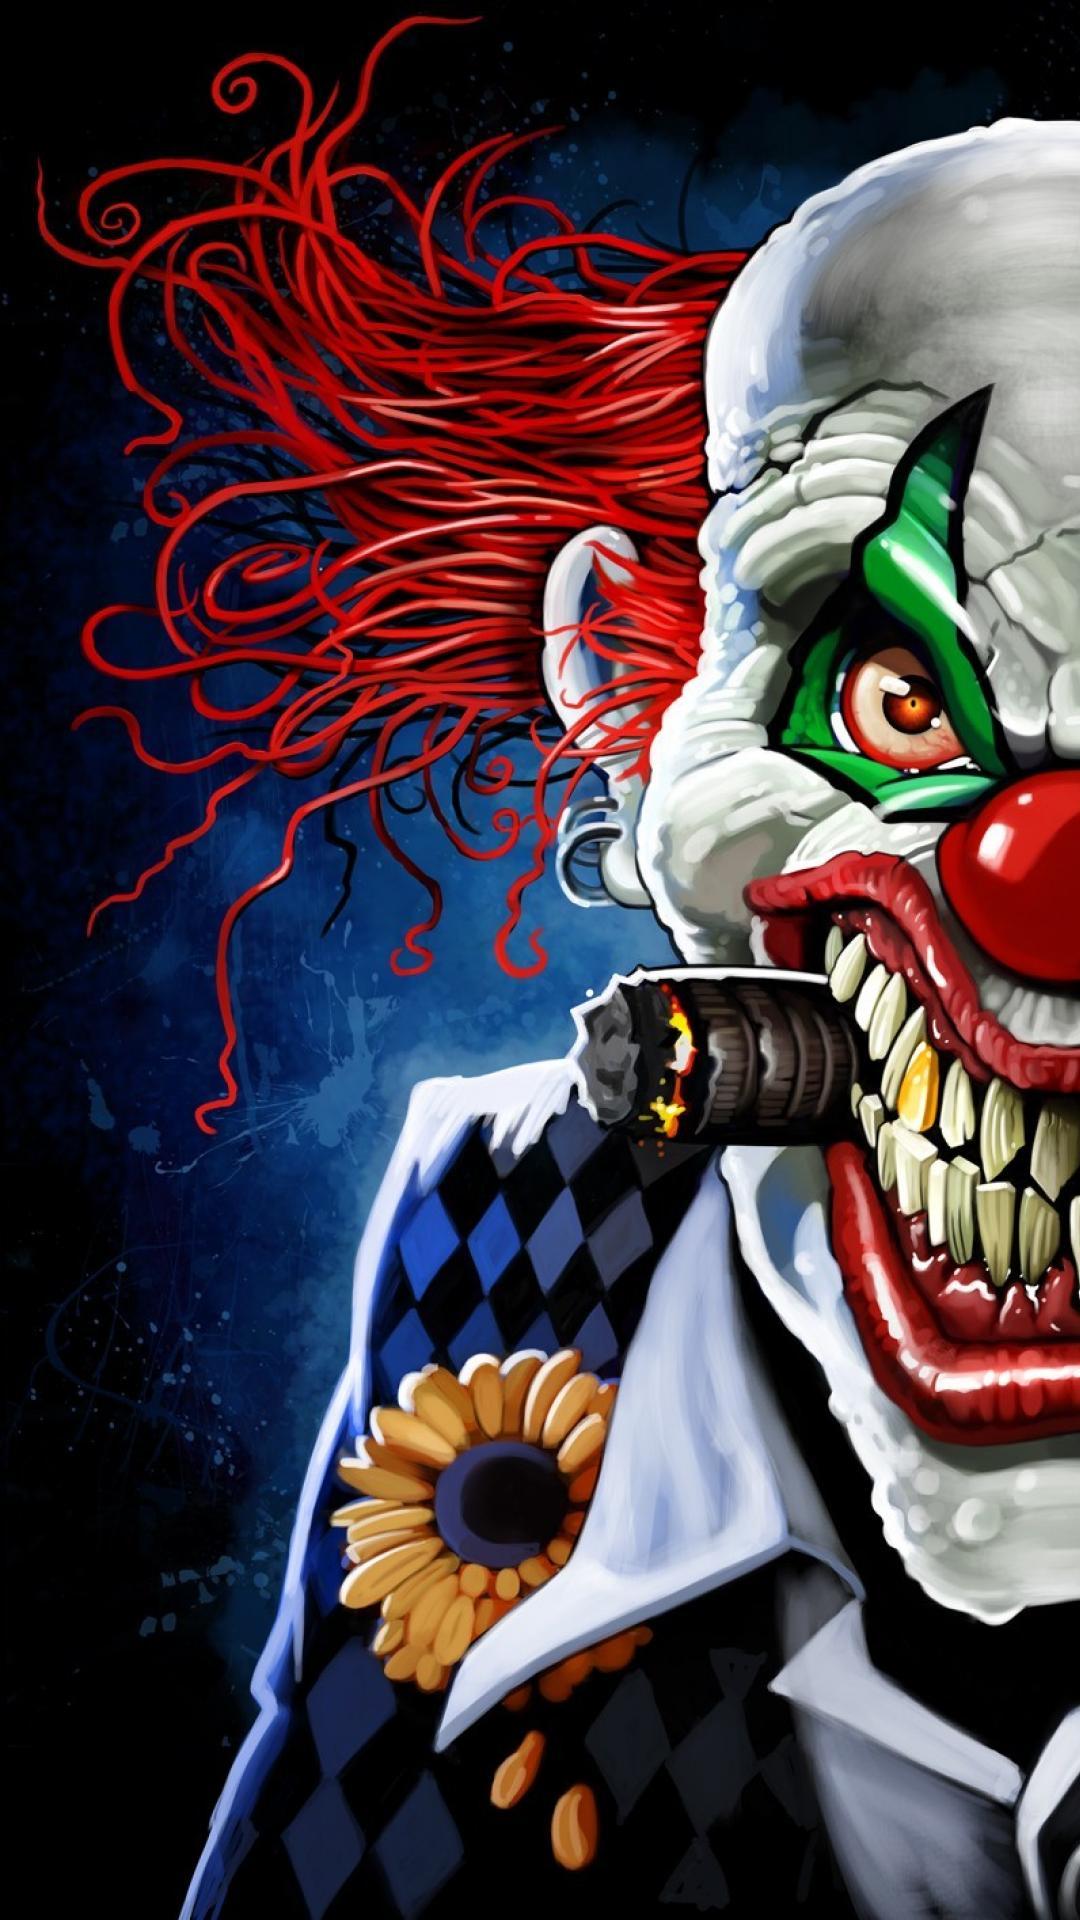 Top Five Wallpaper Gambar Joker Keren 3d